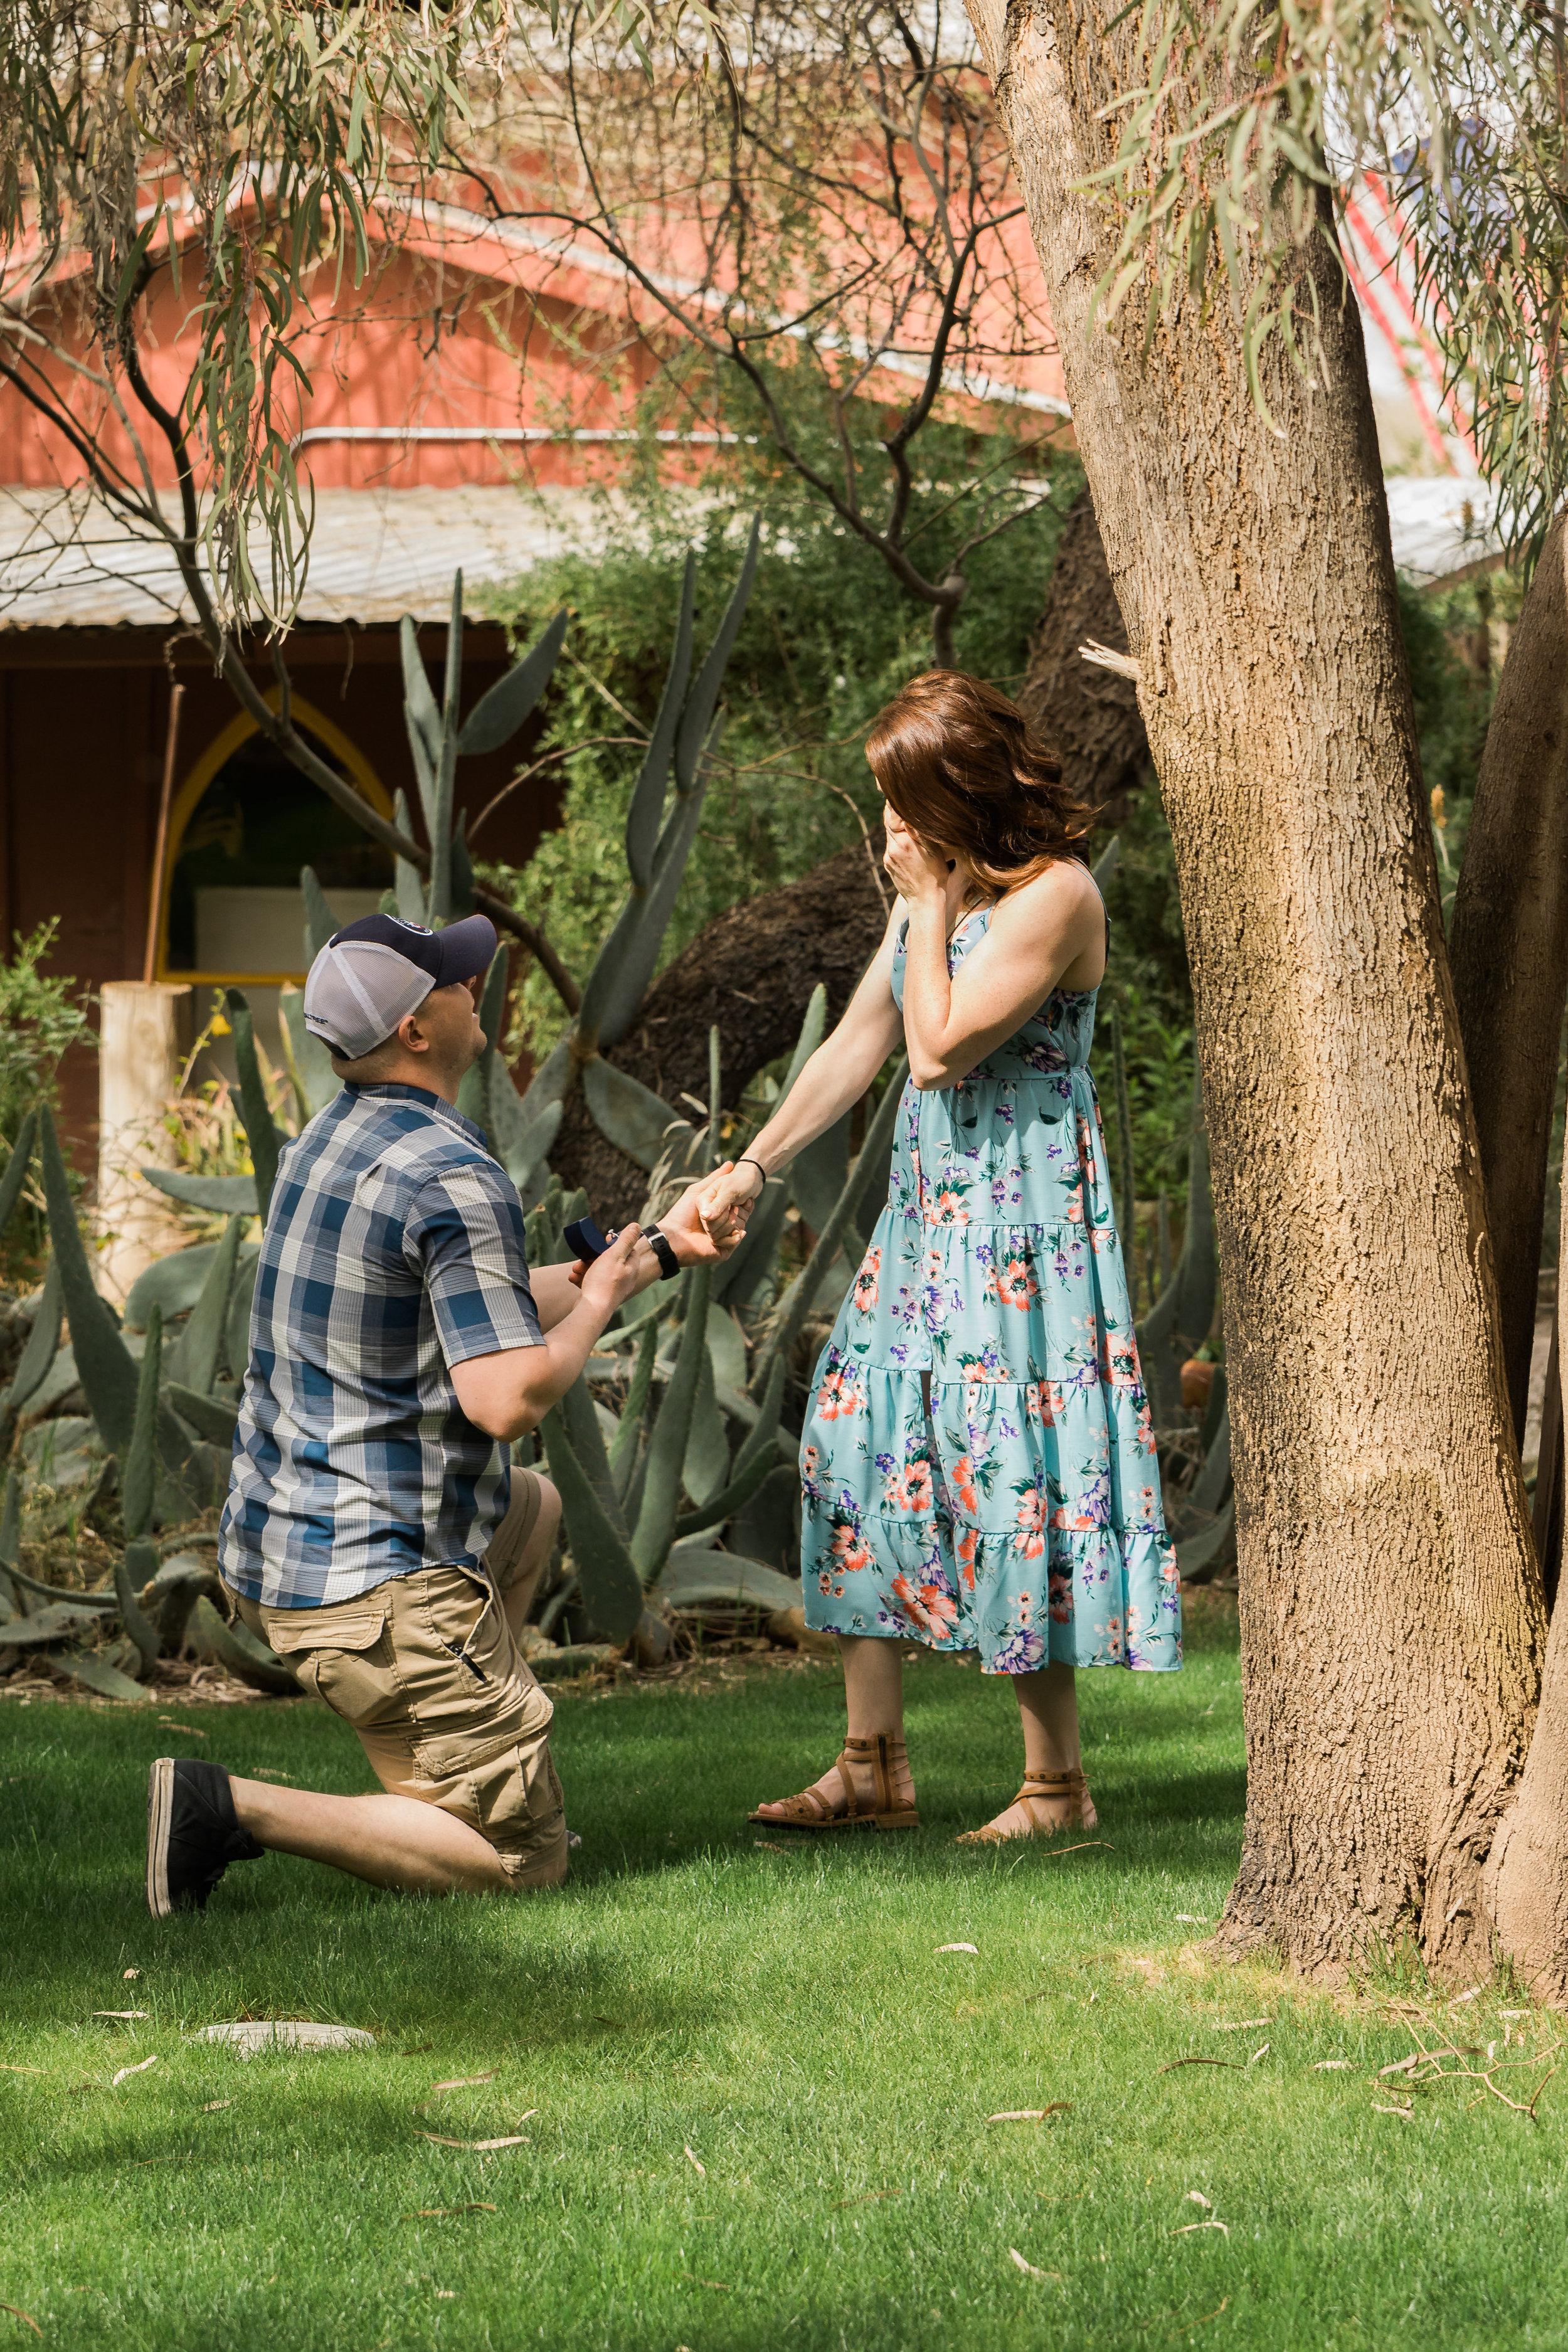 Windmill-Winery-Proposal-Tara-Nichole-Photo-Florence-Arizona-4.jpg